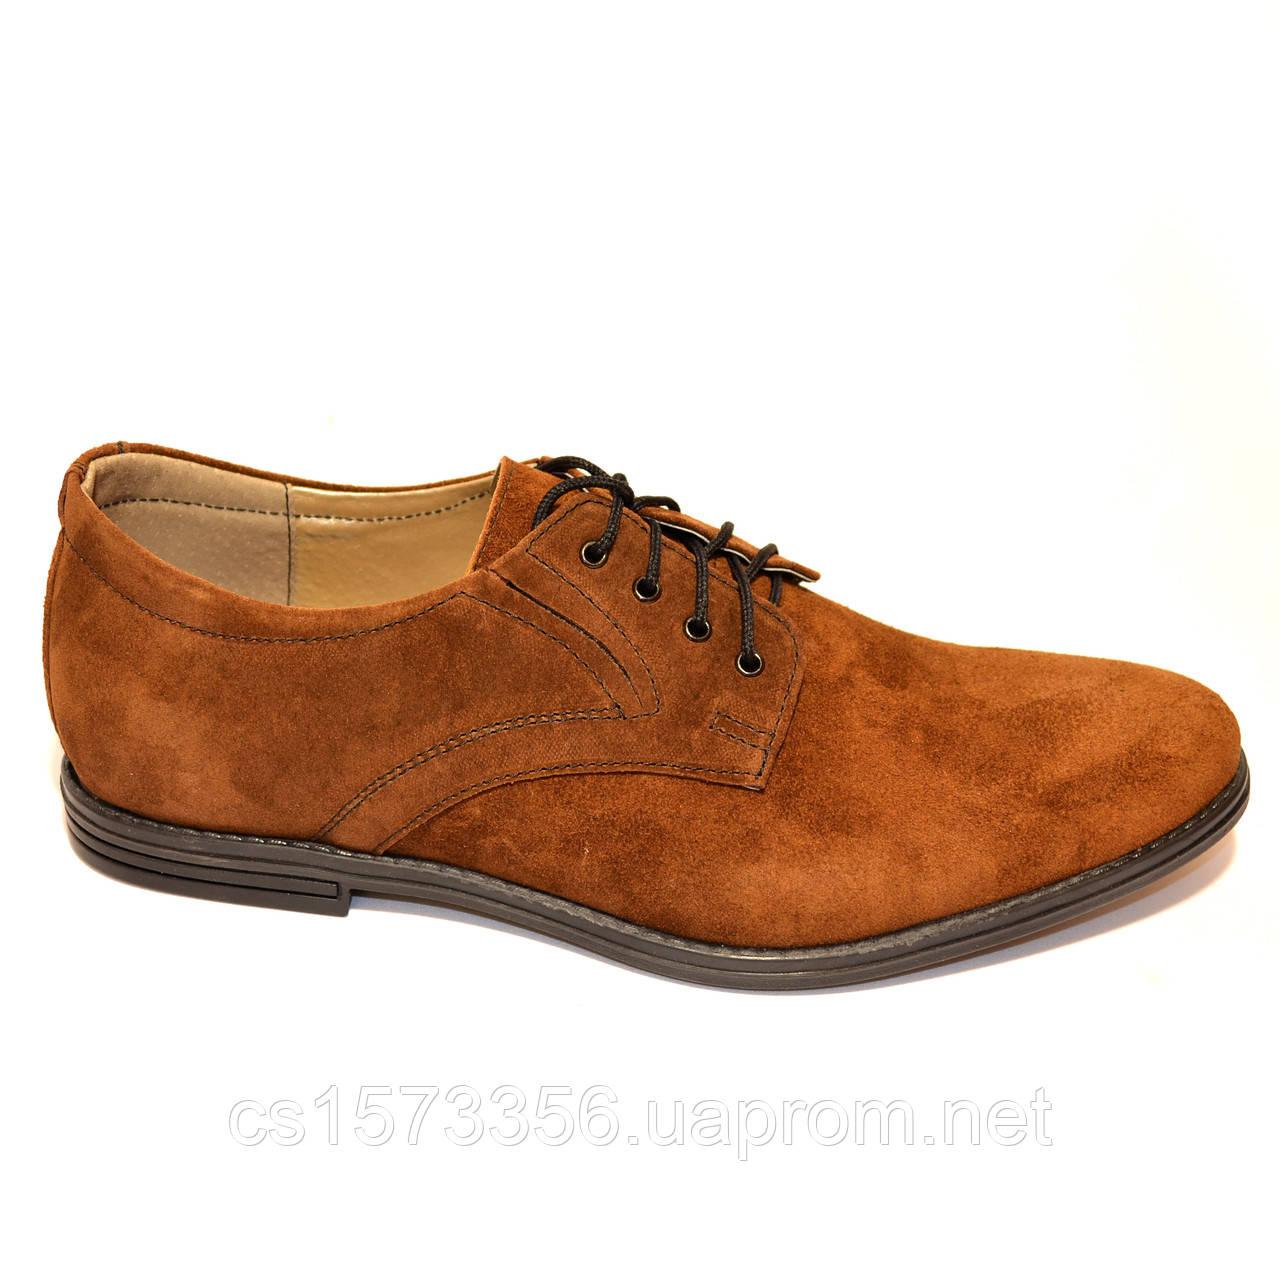 Мужские замшевые рыжие классические туфли от производителя